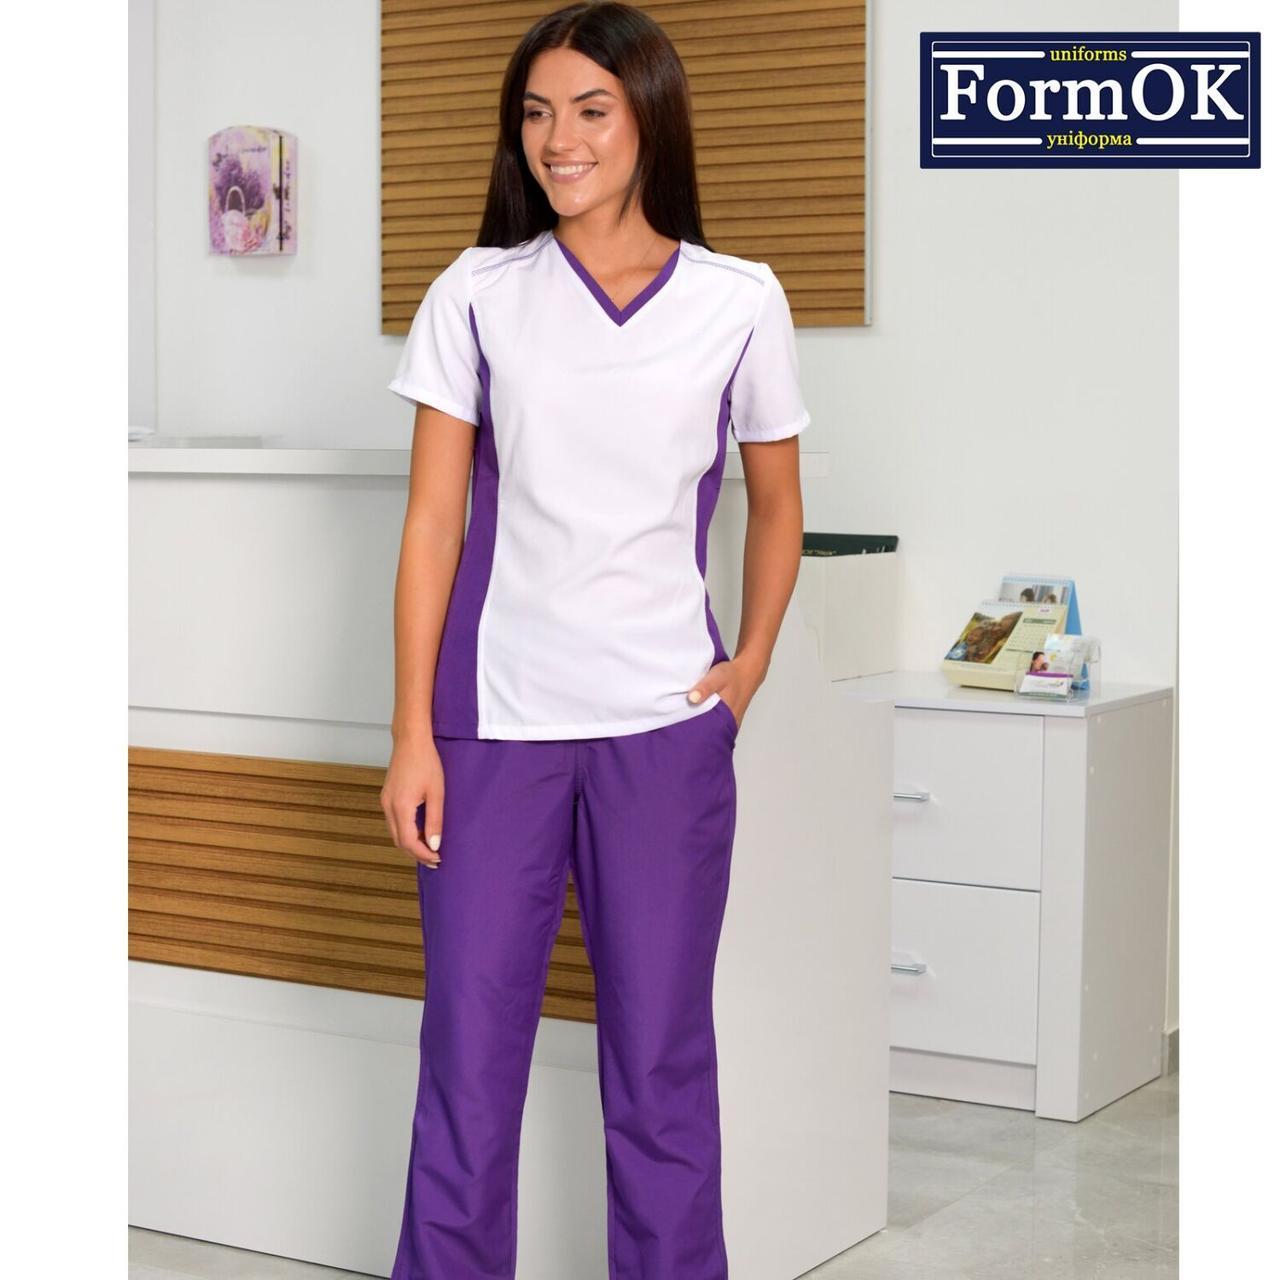 Женские медицинские костюмы Ариша бело-фиолетовая, 40